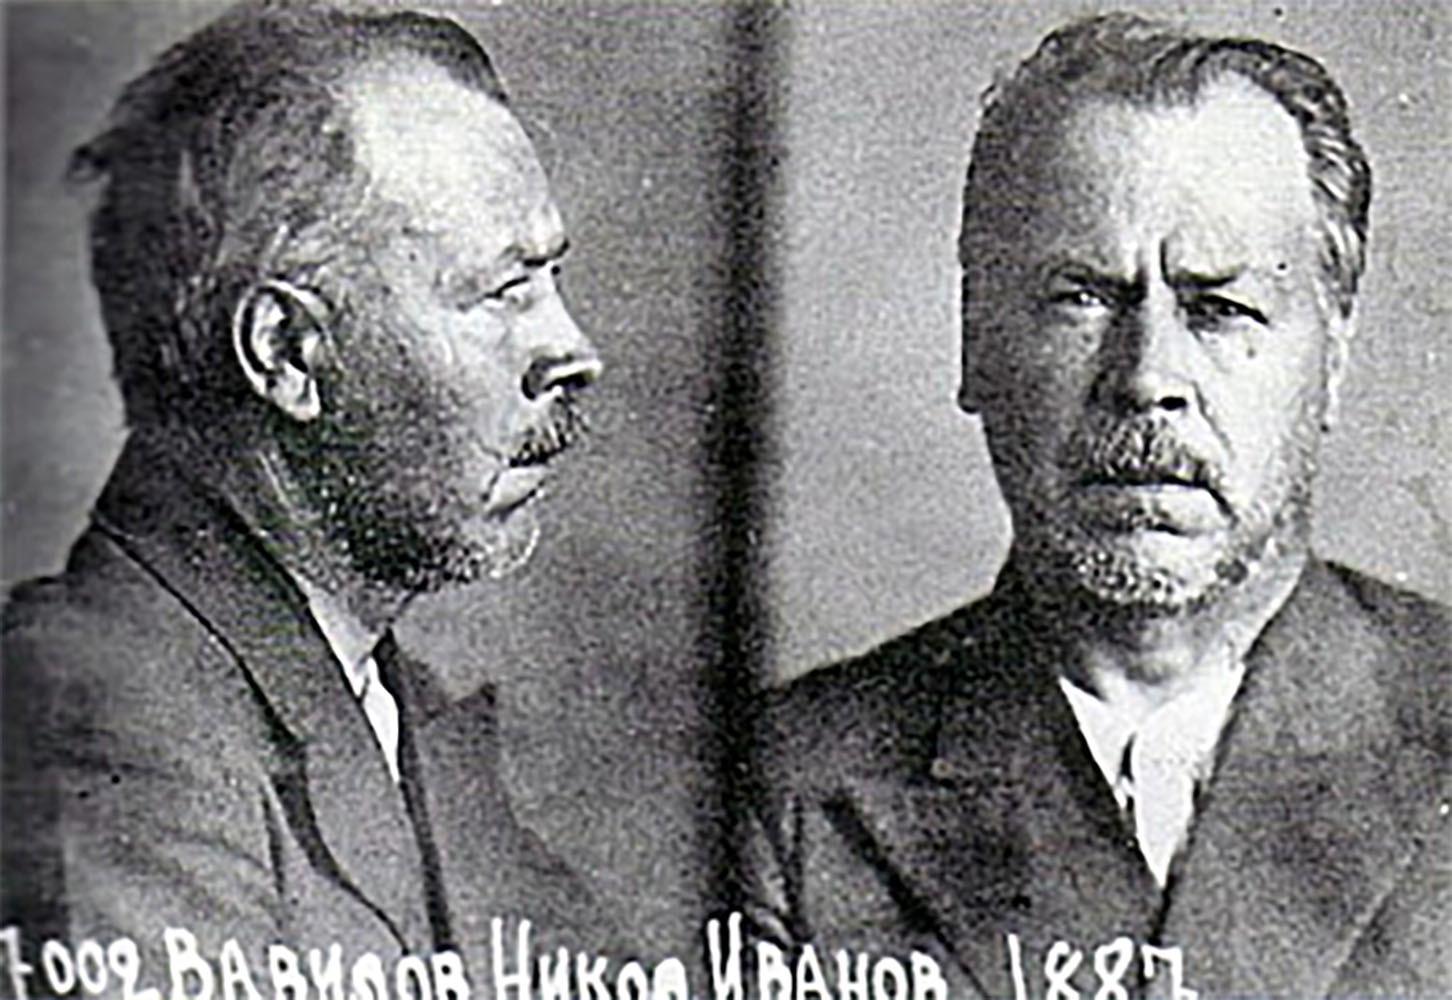 Imagen de Nikolái Vavílov en prisión